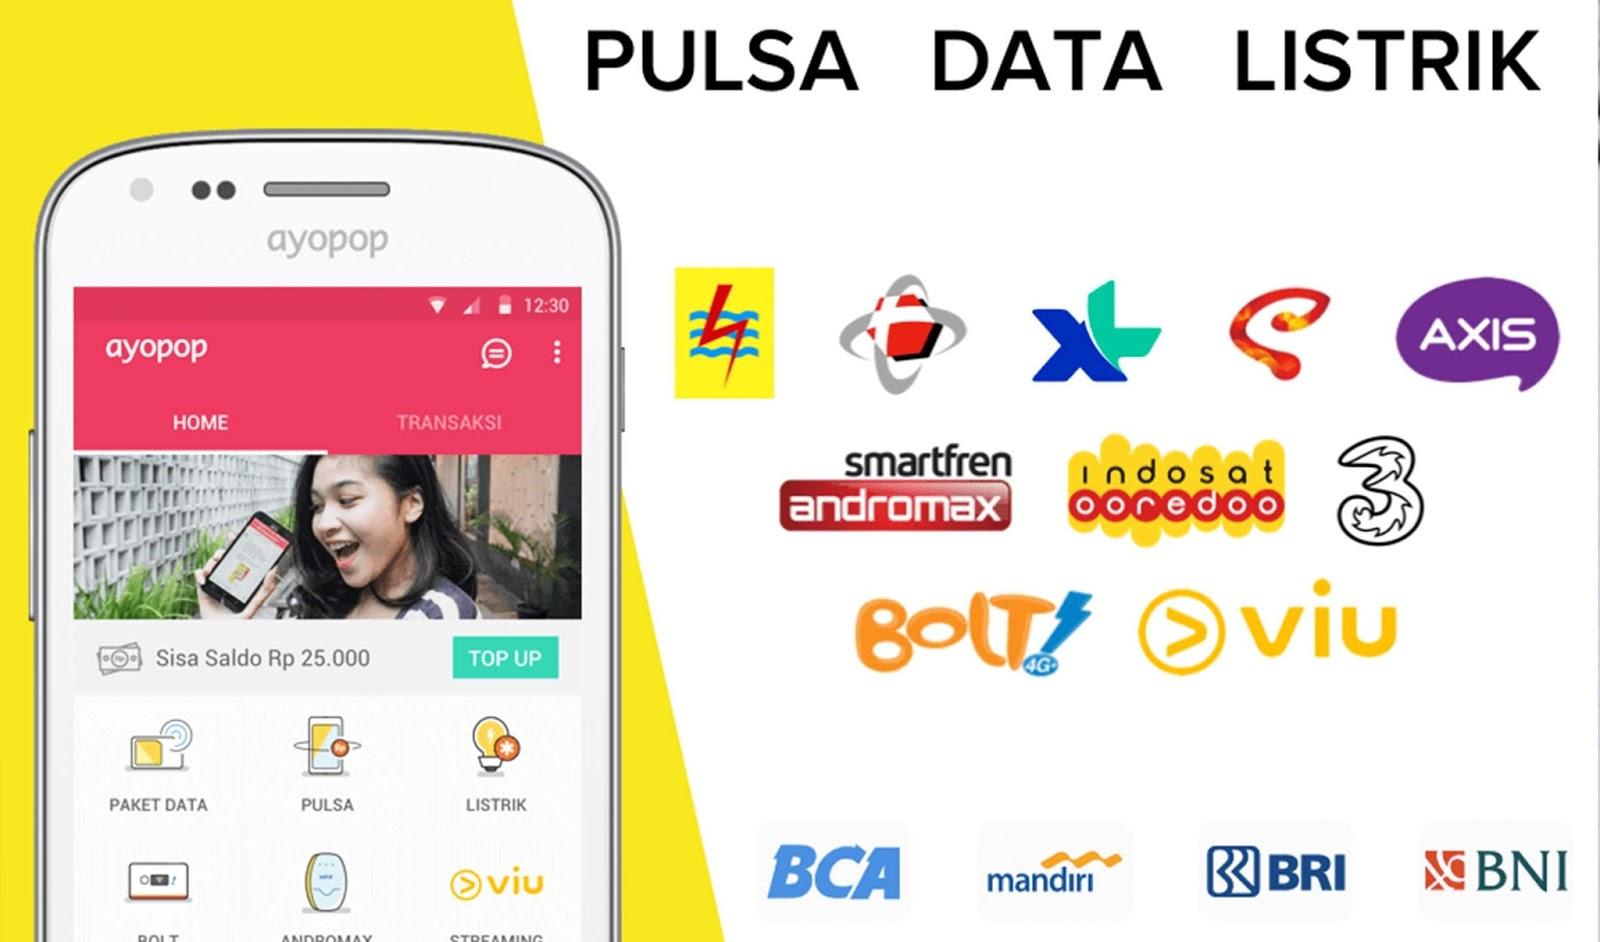 Ayopop Aplikasi Untuk Berjualan Pulsa Dan Token Listrik Termurah